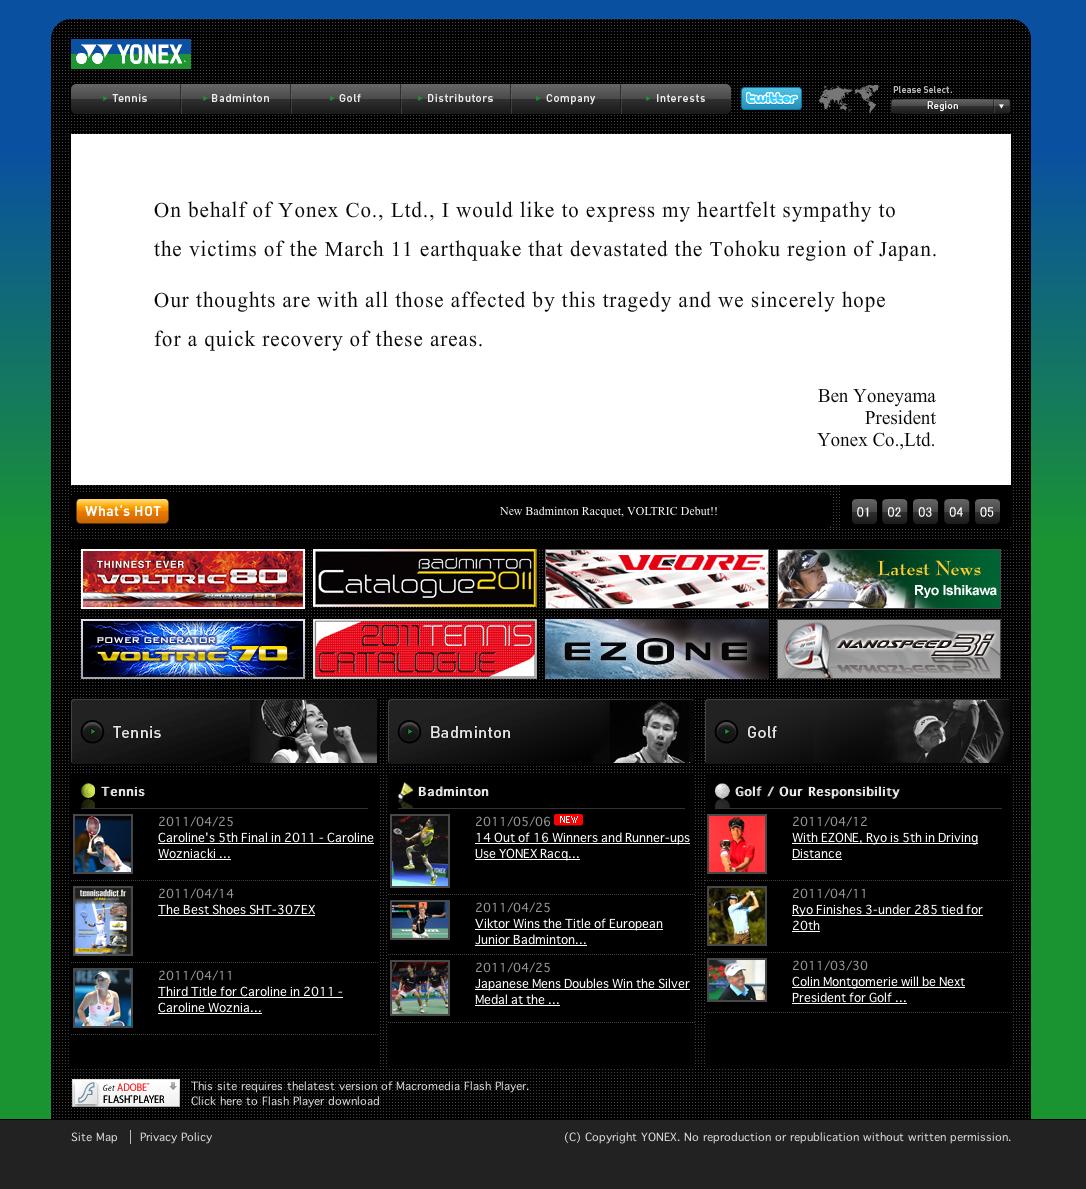 www.yonex.com